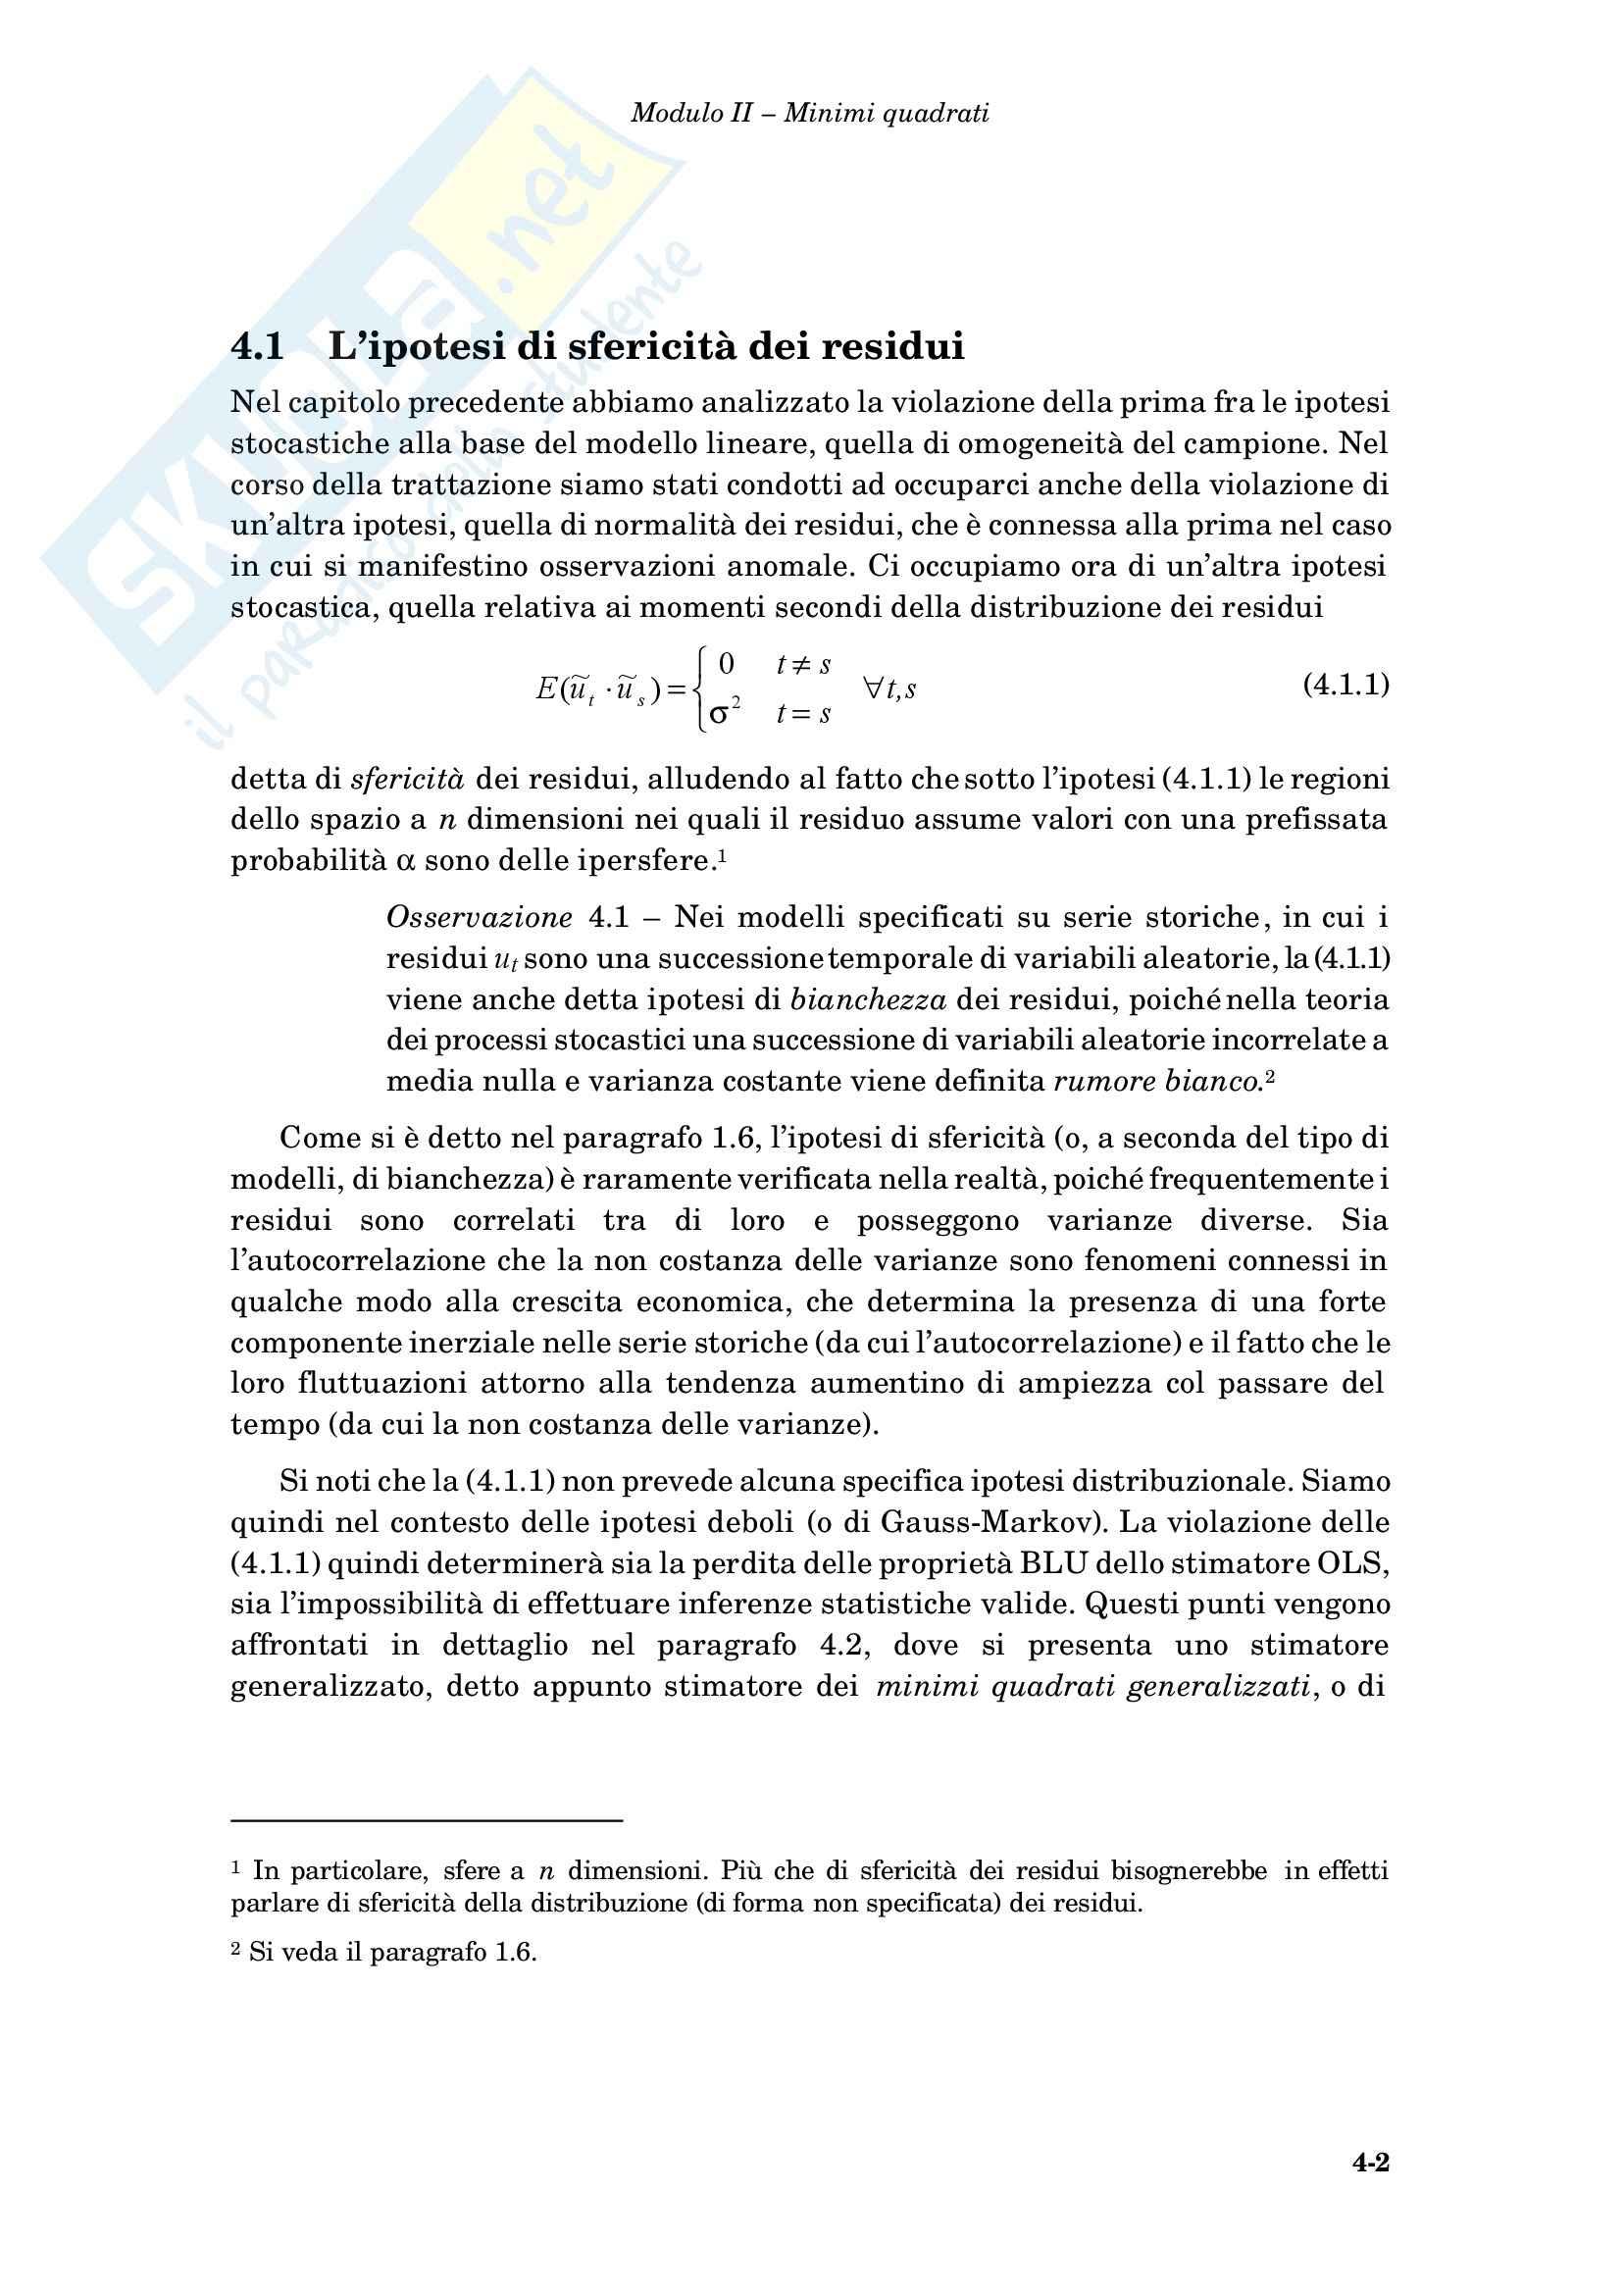 Econometria - i minimi quadrati generalizzati Pag. 2